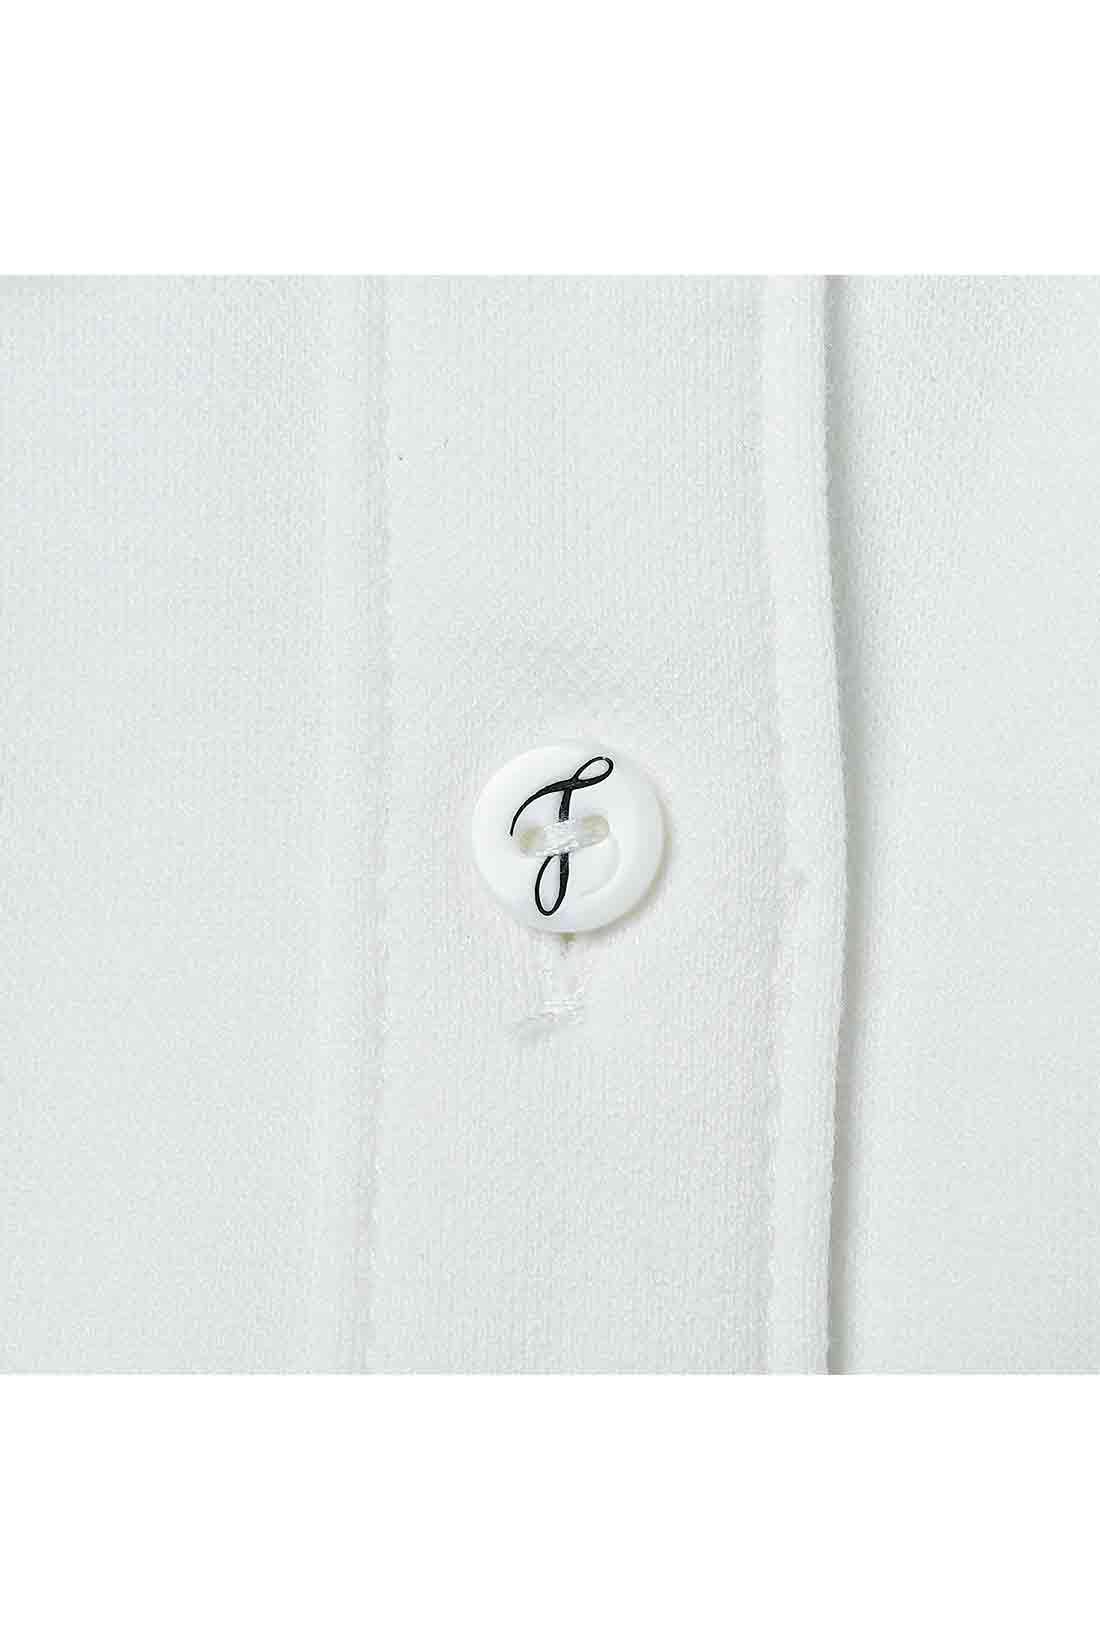 オリジナルボタン 着こなしのポイントになるロゴ入りのボタン。第二ボタンまで開けて着ることを前提にした女らしいデザインなので、ボタンホールの間隔まで絶妙に計算されています。